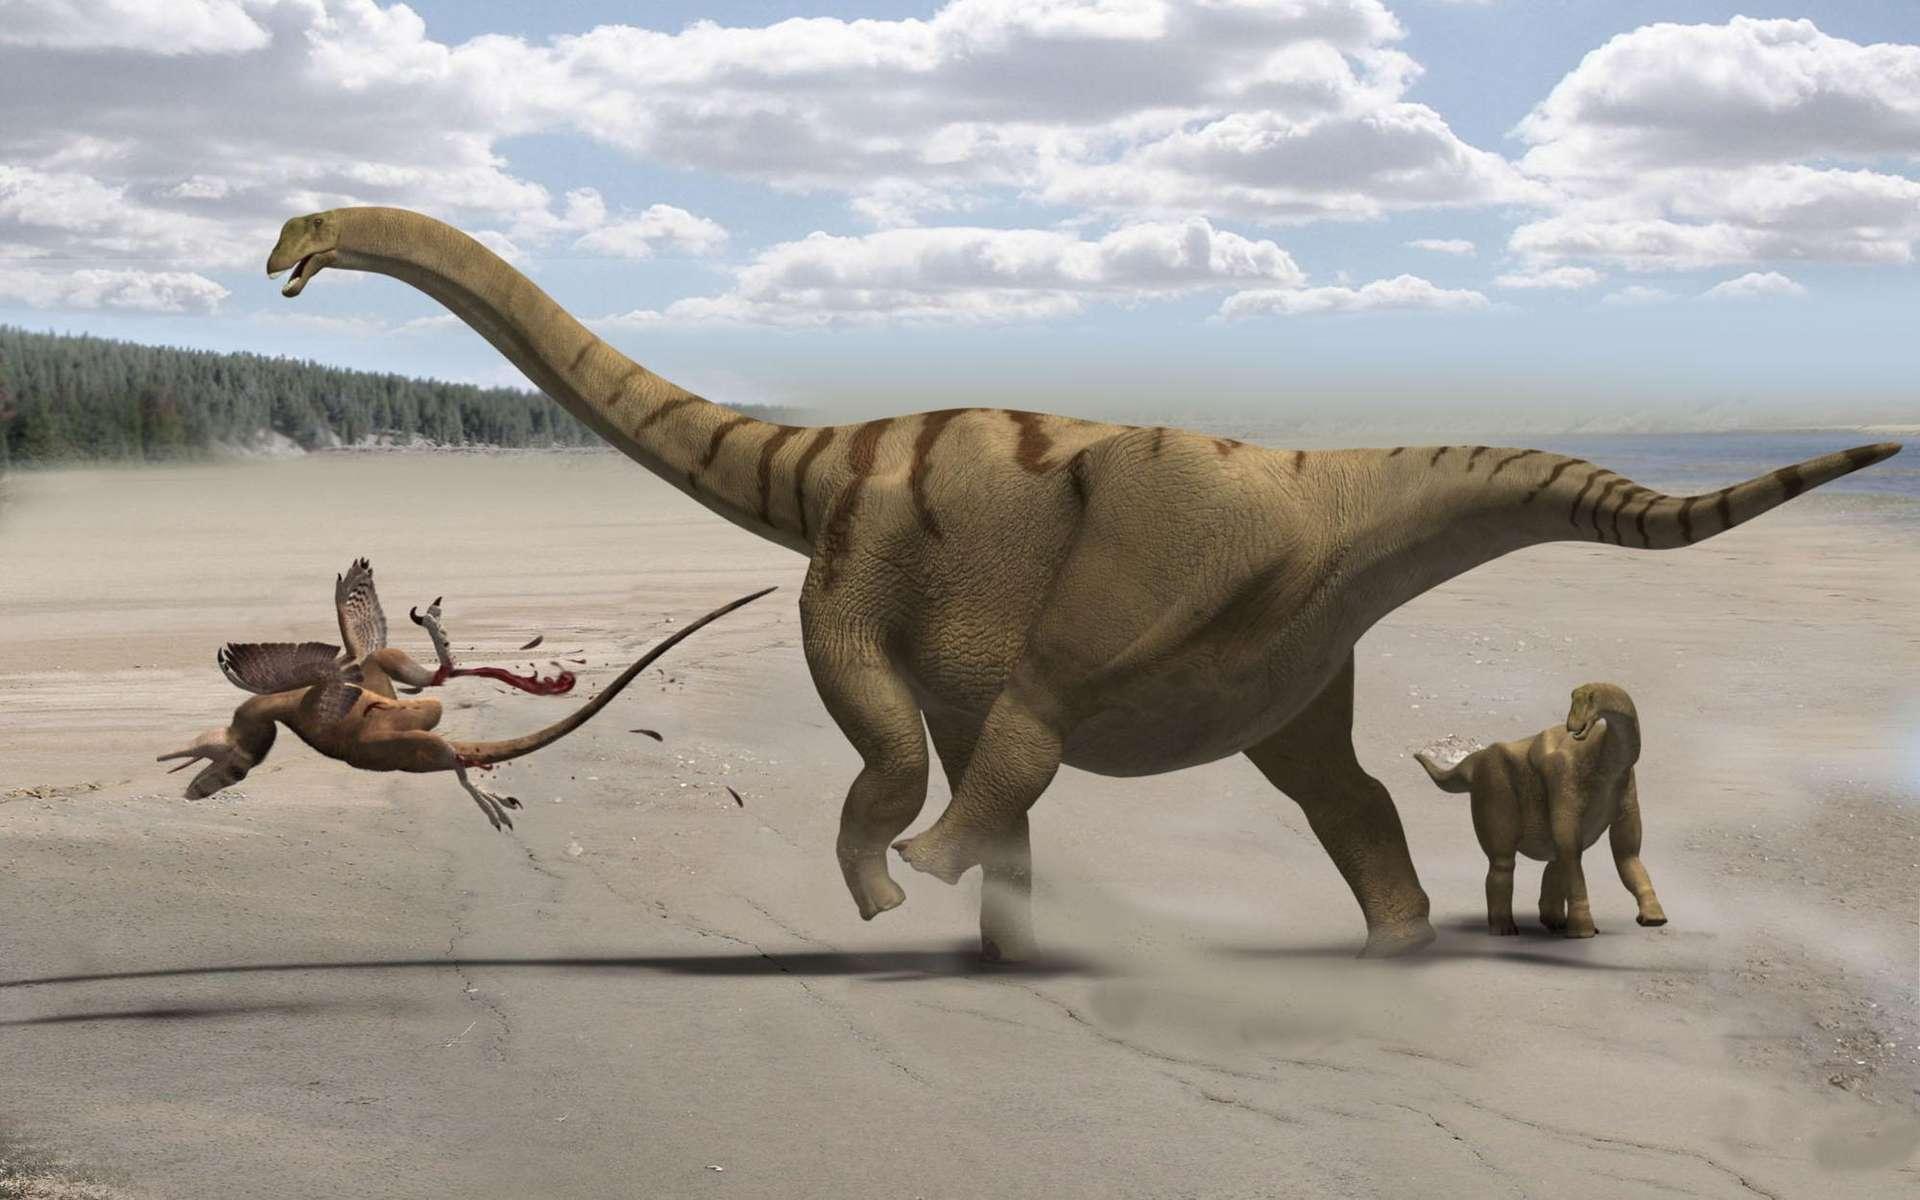 Maman Brontomerus mcintoshi vient de terrasser le Utahraptor. Son petit est sauvé. © Francisco Gascó